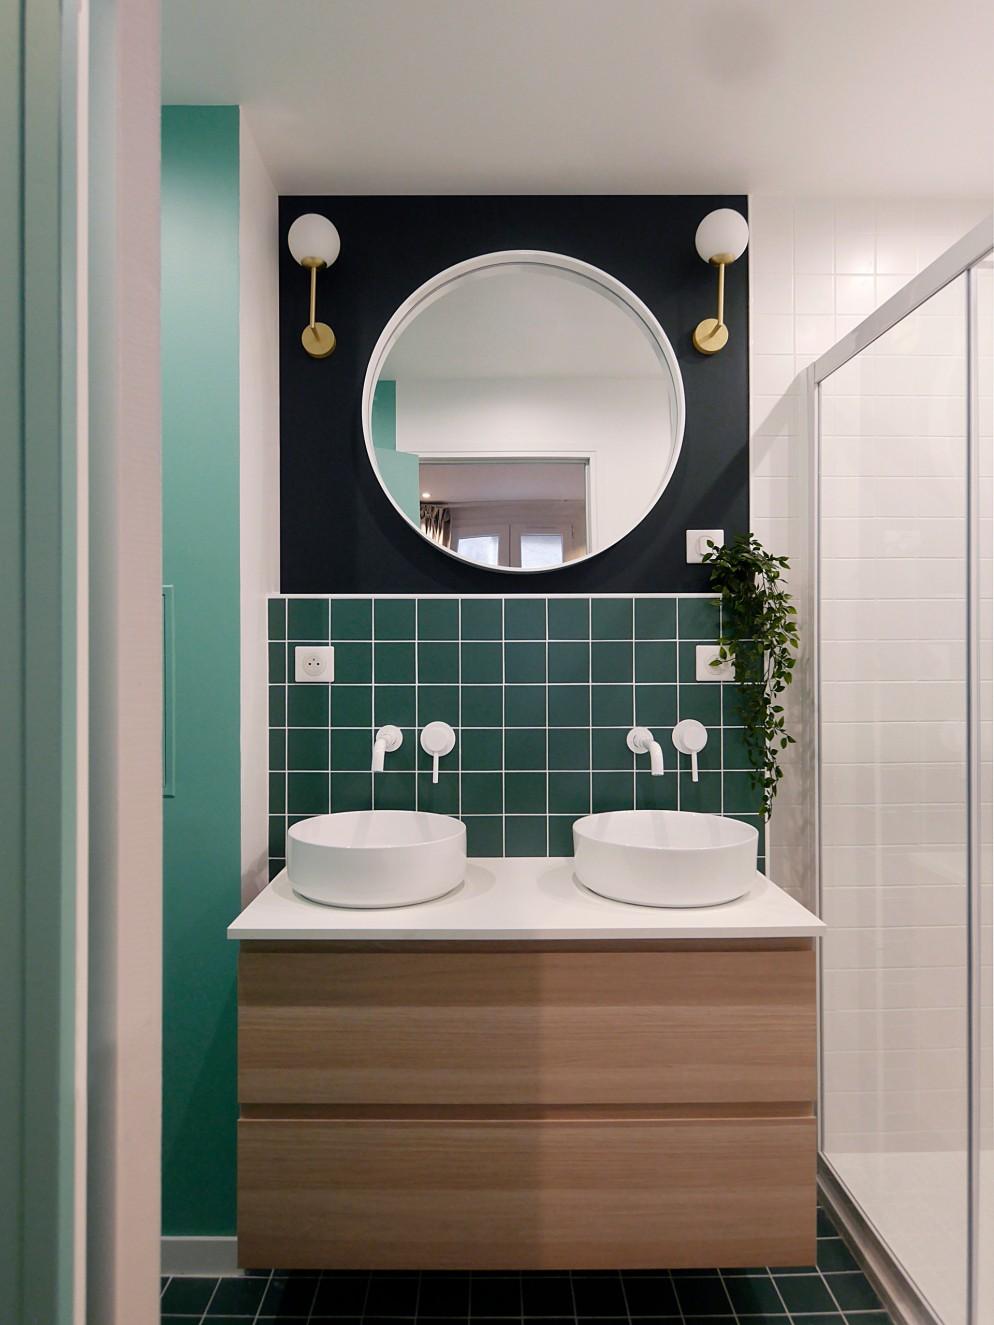 rubinetto bagno moderno (2)